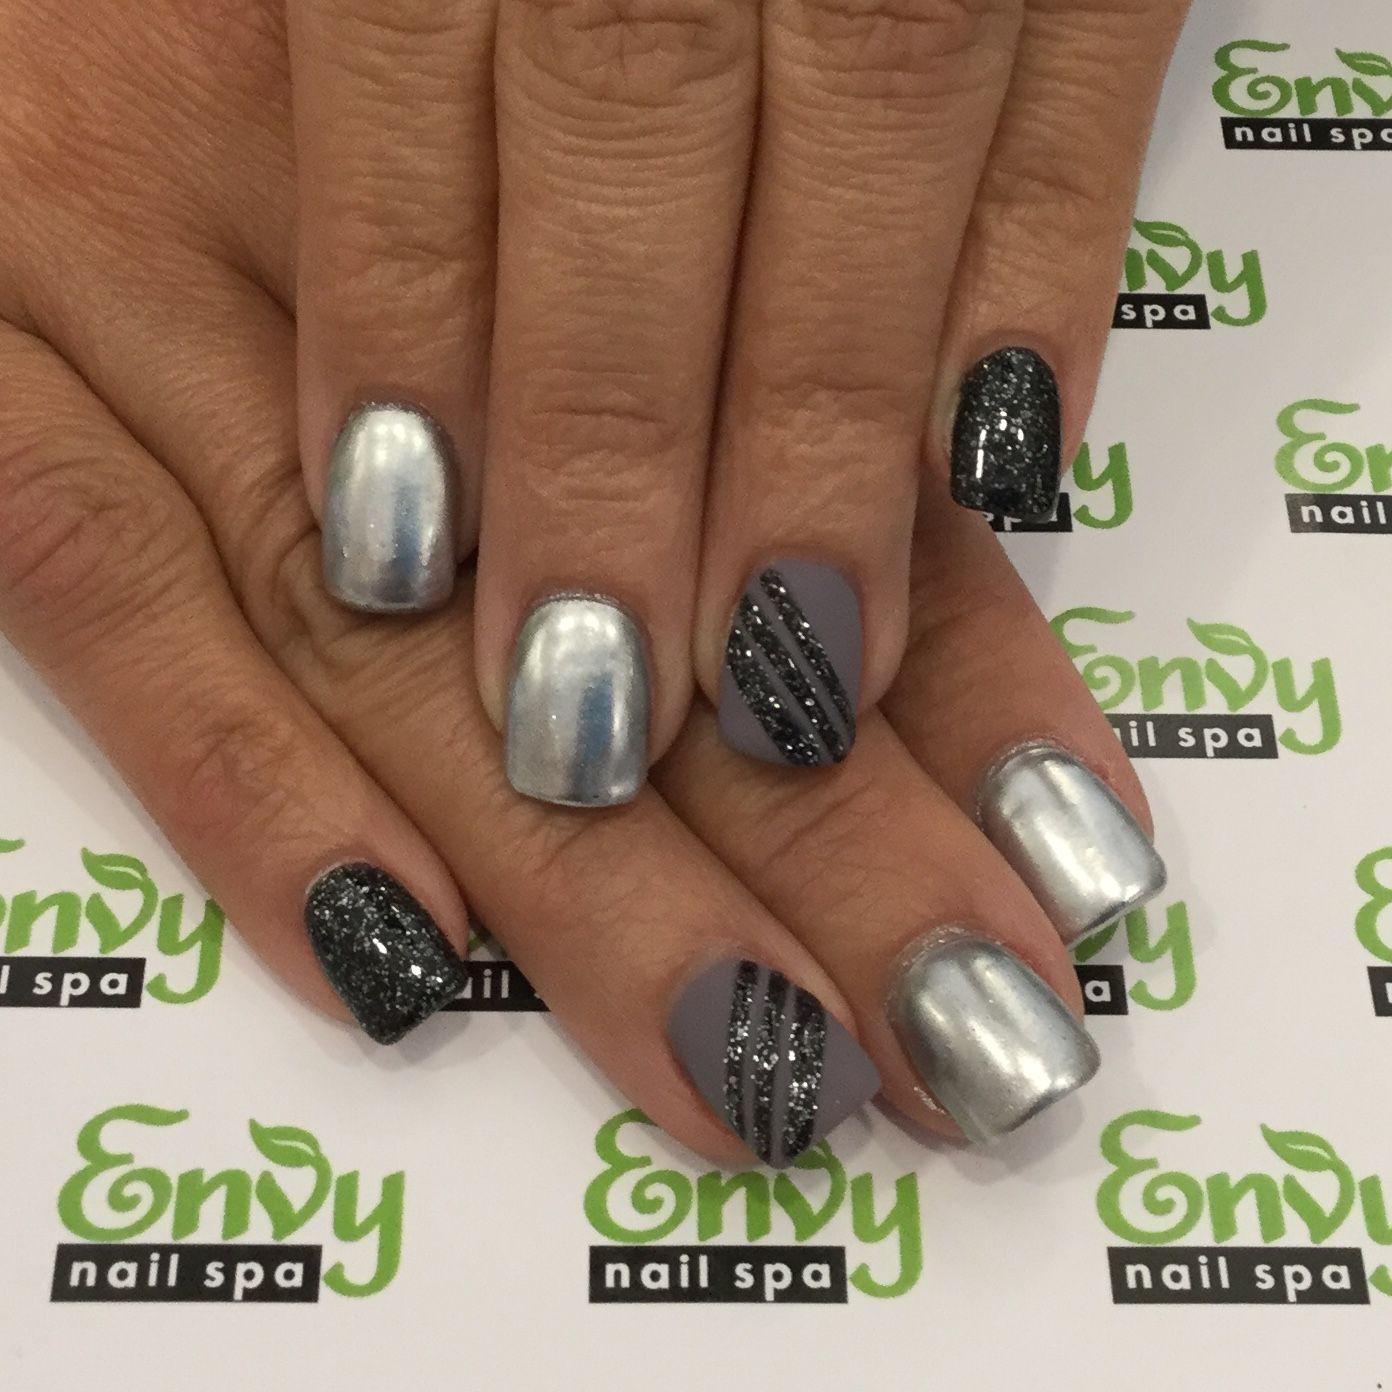 Matte, Silver, Grey, Black Glitter, Stripe Nails - Envy Nail Spa ...